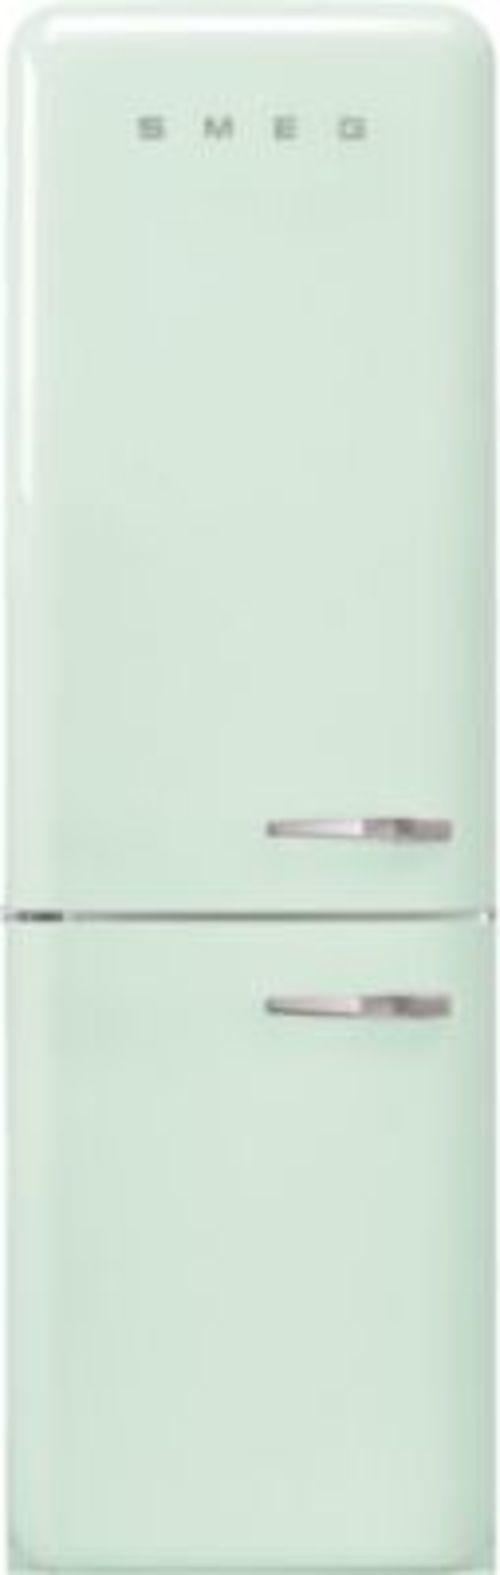 Réfrigérateurs congélateurs (combinés et 2 portes) - SMEG FAB32LPG5 (FAB 32 LPG 5)